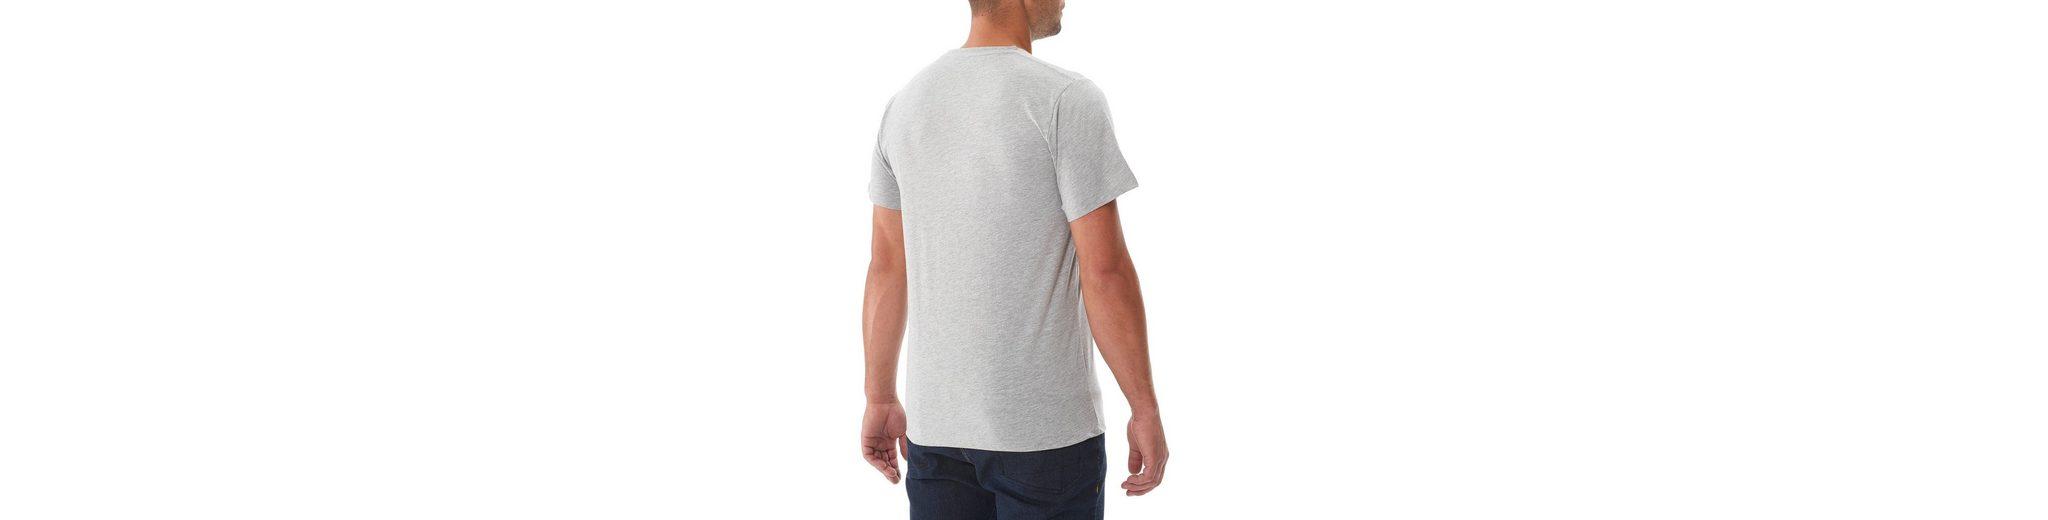 Millet T-Shirt Urban M Limited TS SS Men Das Beste Geschäft Zu Bekommen Qualität Original Billig Verkauf Zum Verkauf 7io3X